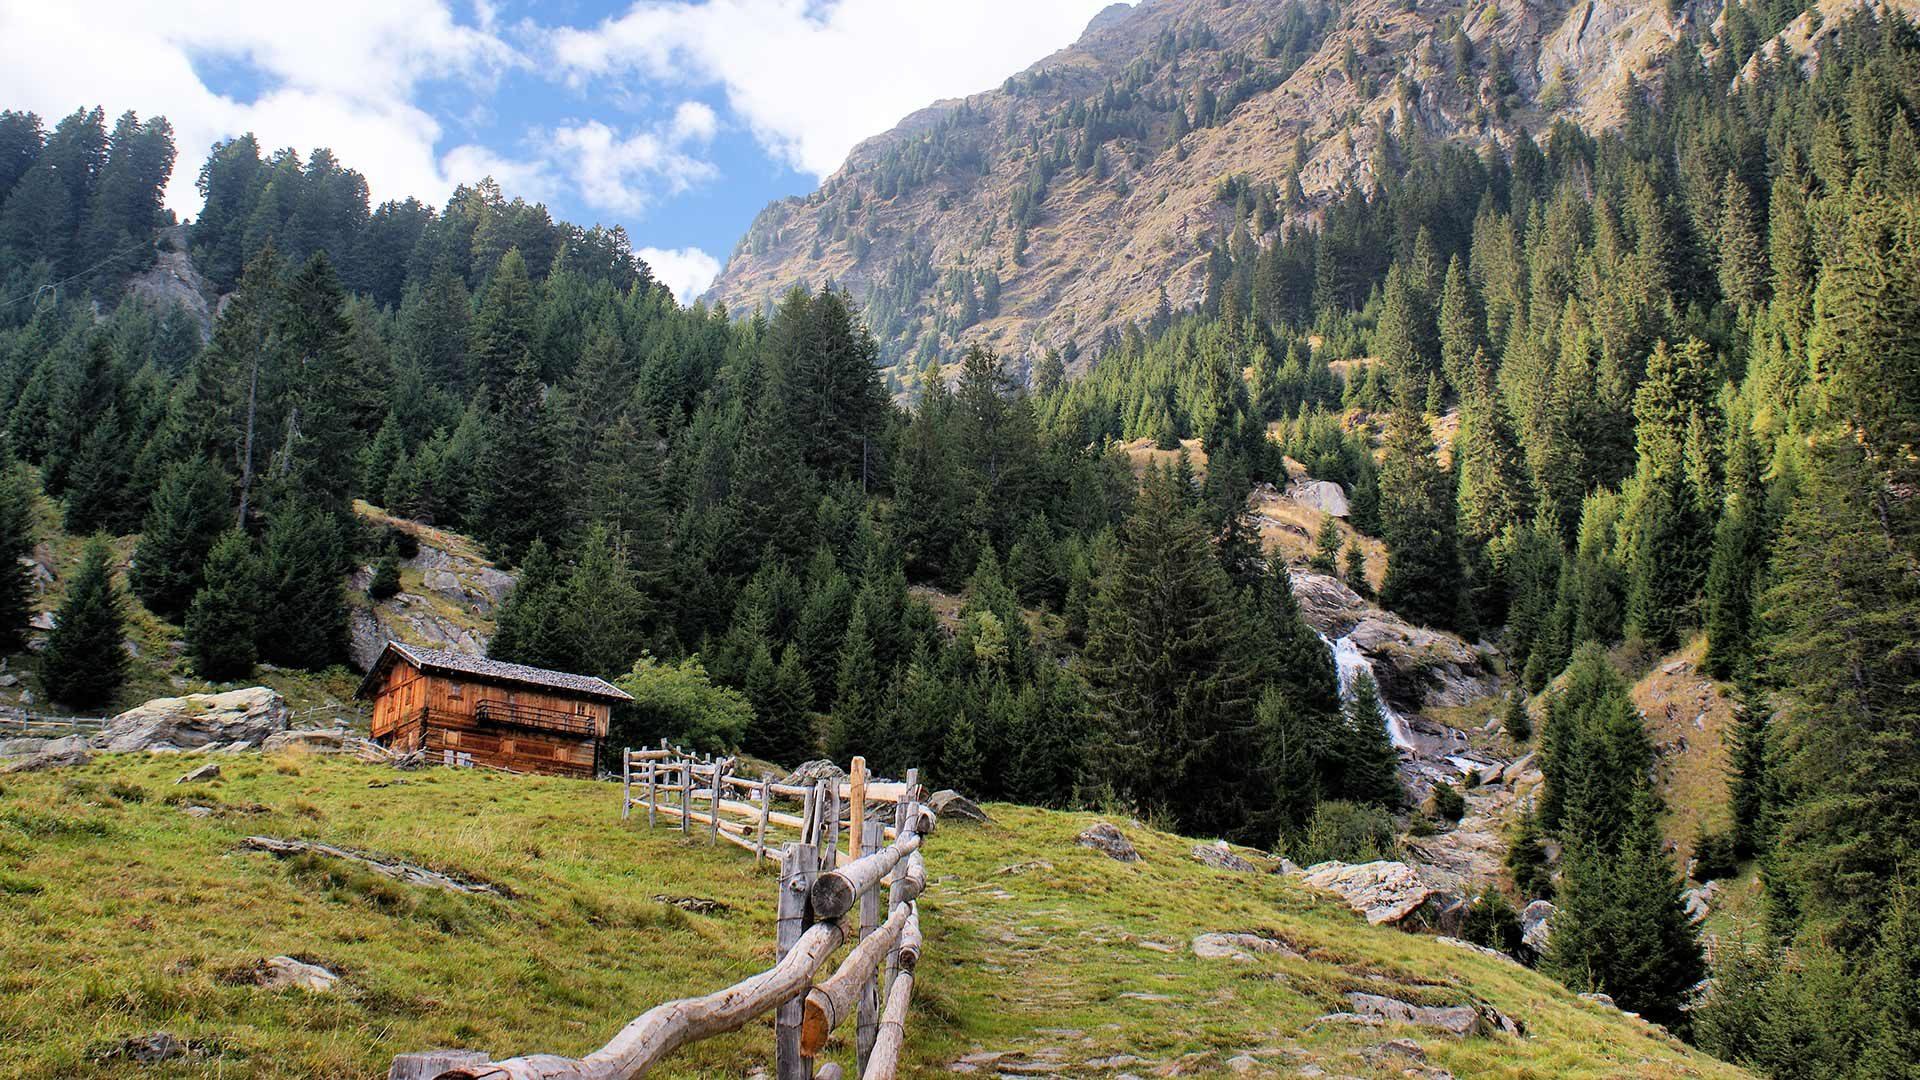 Lungo la Val di Sopranes a Longfall